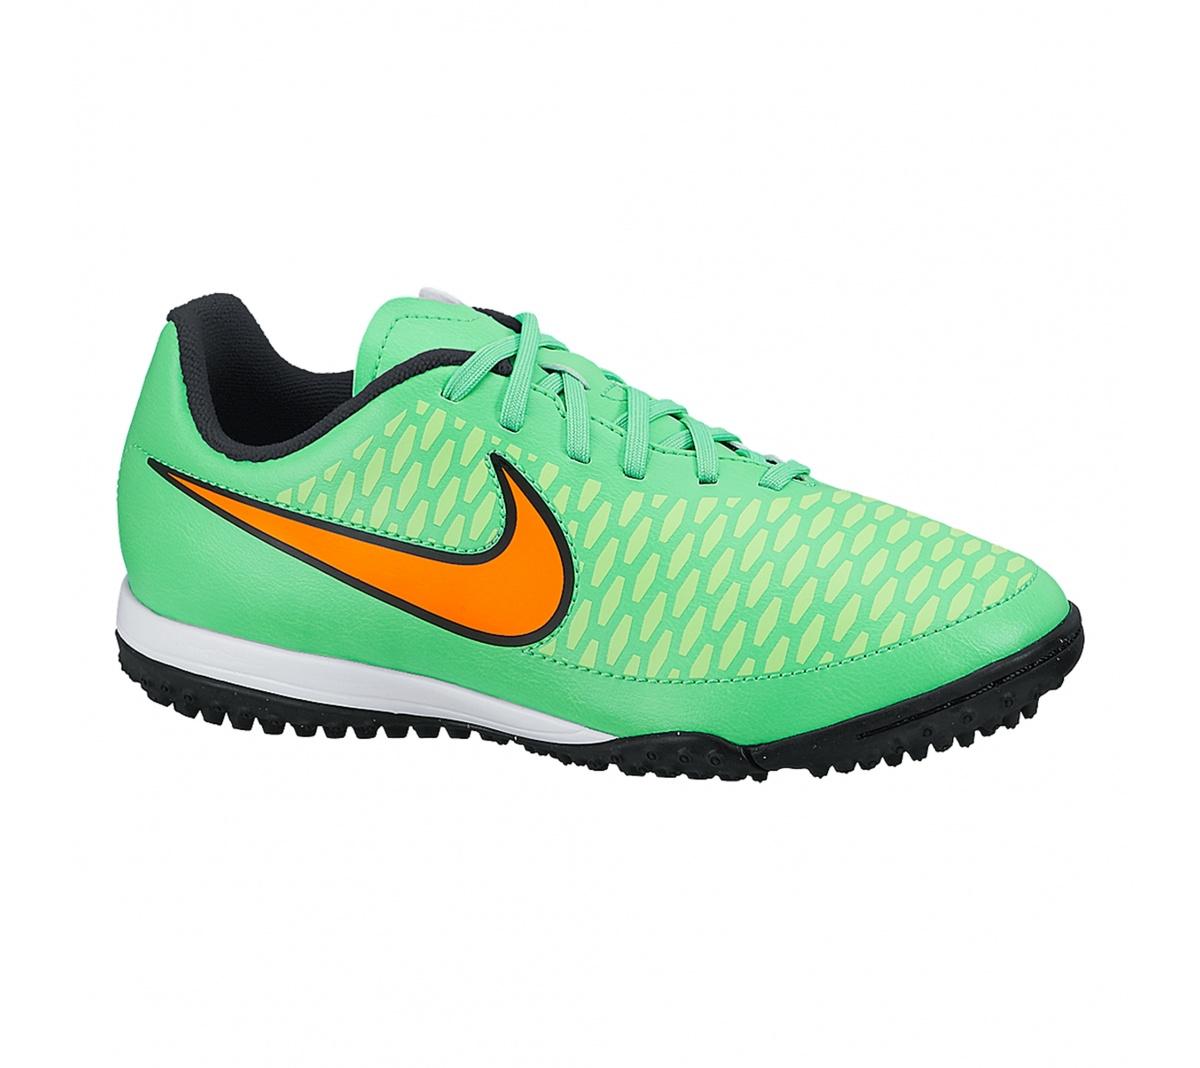 443ad9daafeaf Chuteira Nike Magista Onda Society Infantil Chuteira Nike Magista Onda Society  Infantil ...